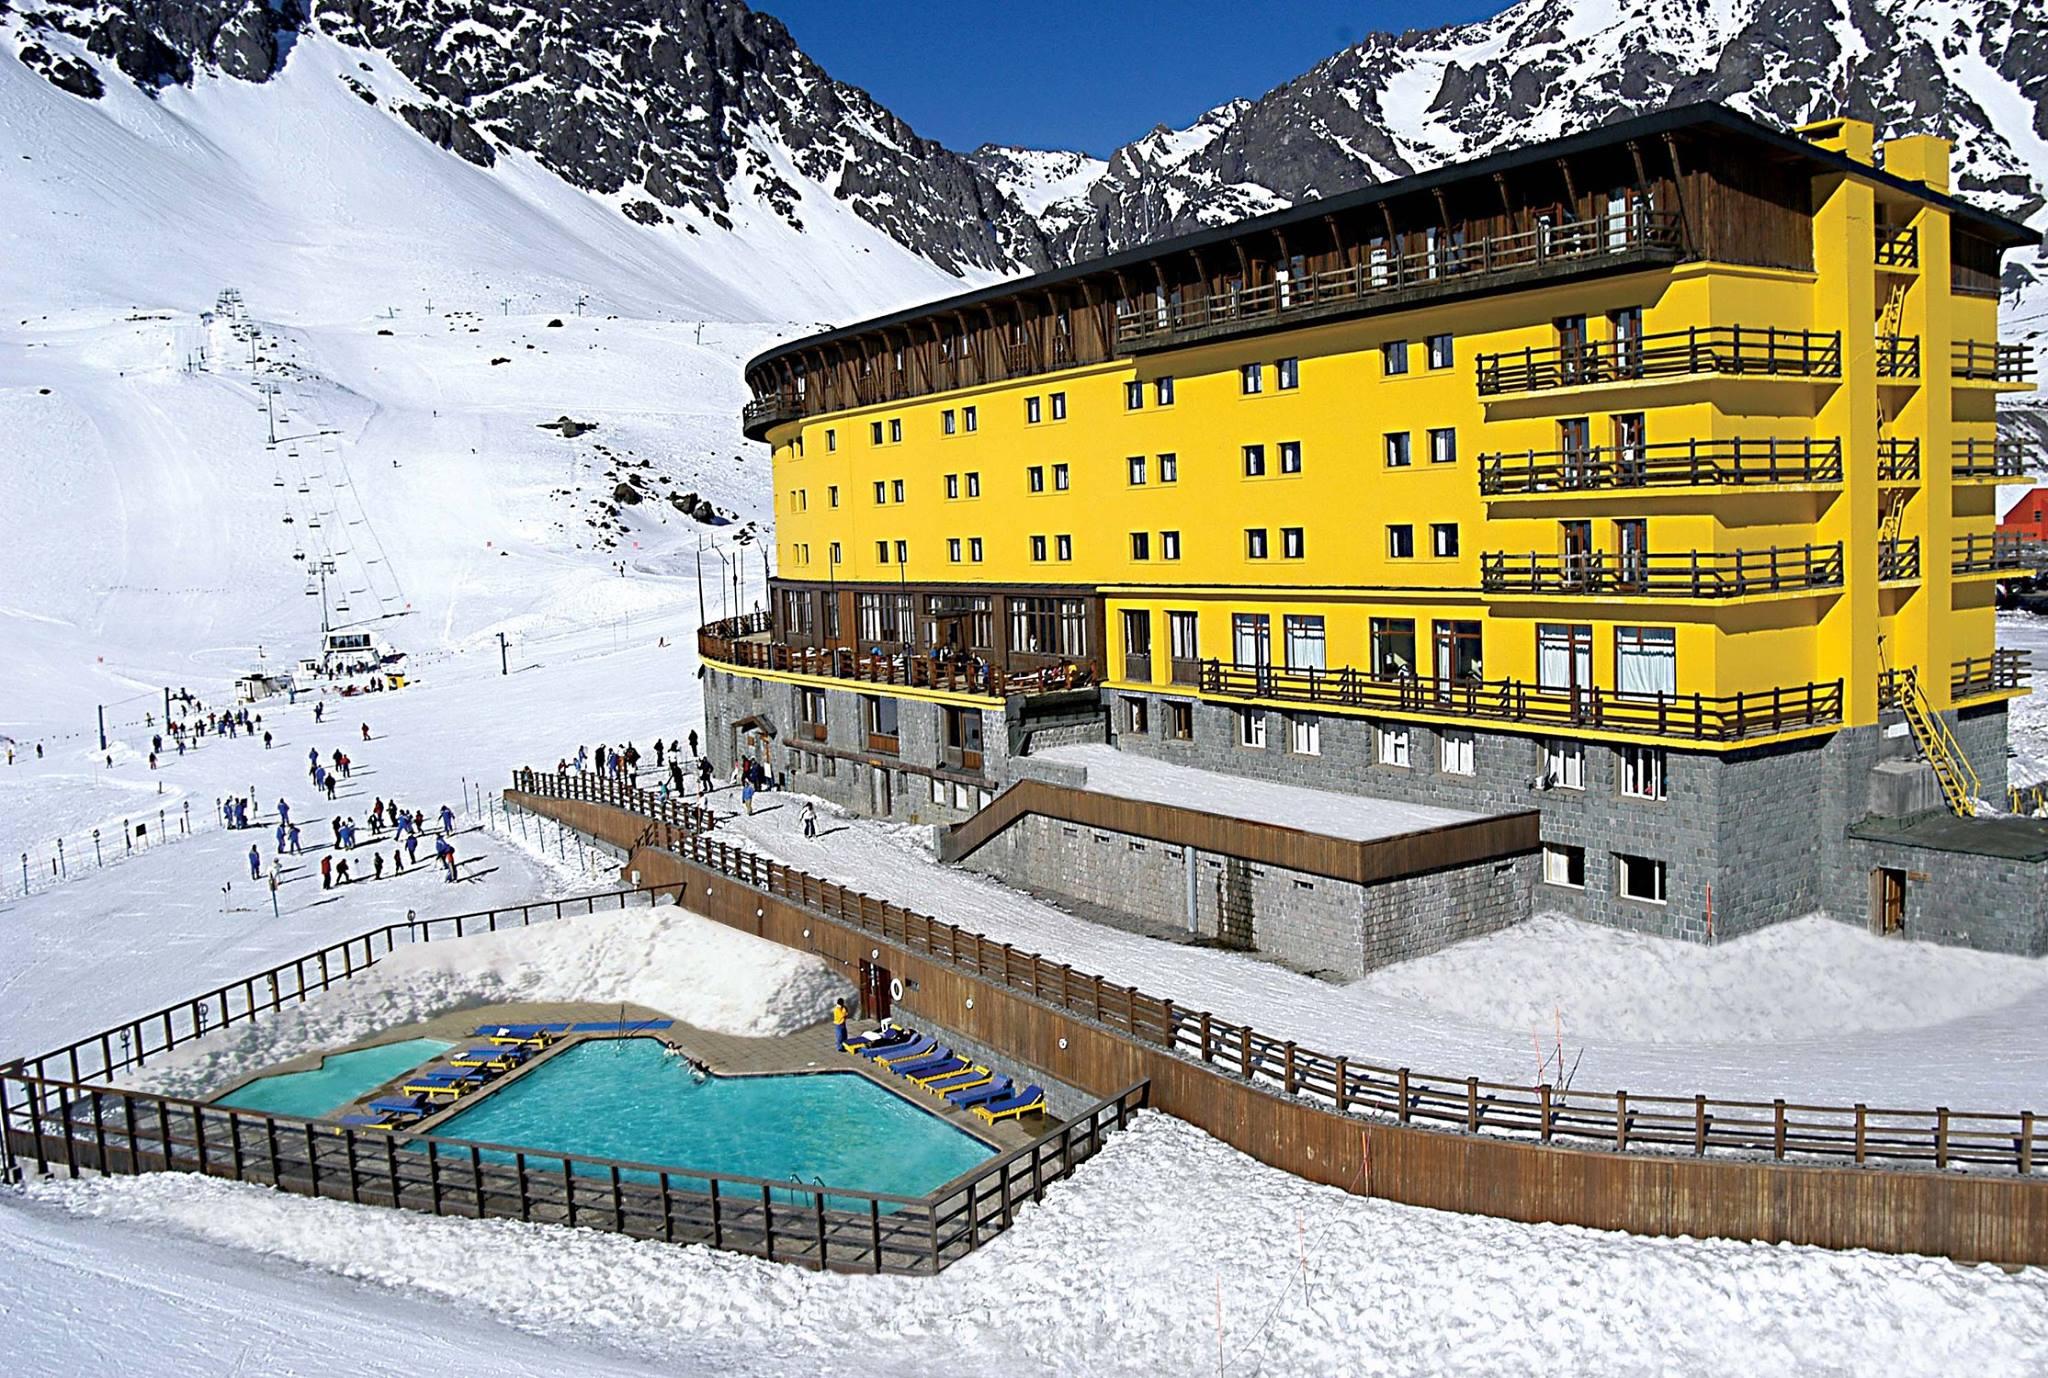 Letní lyžařské středisko Ski Portillo, Chile